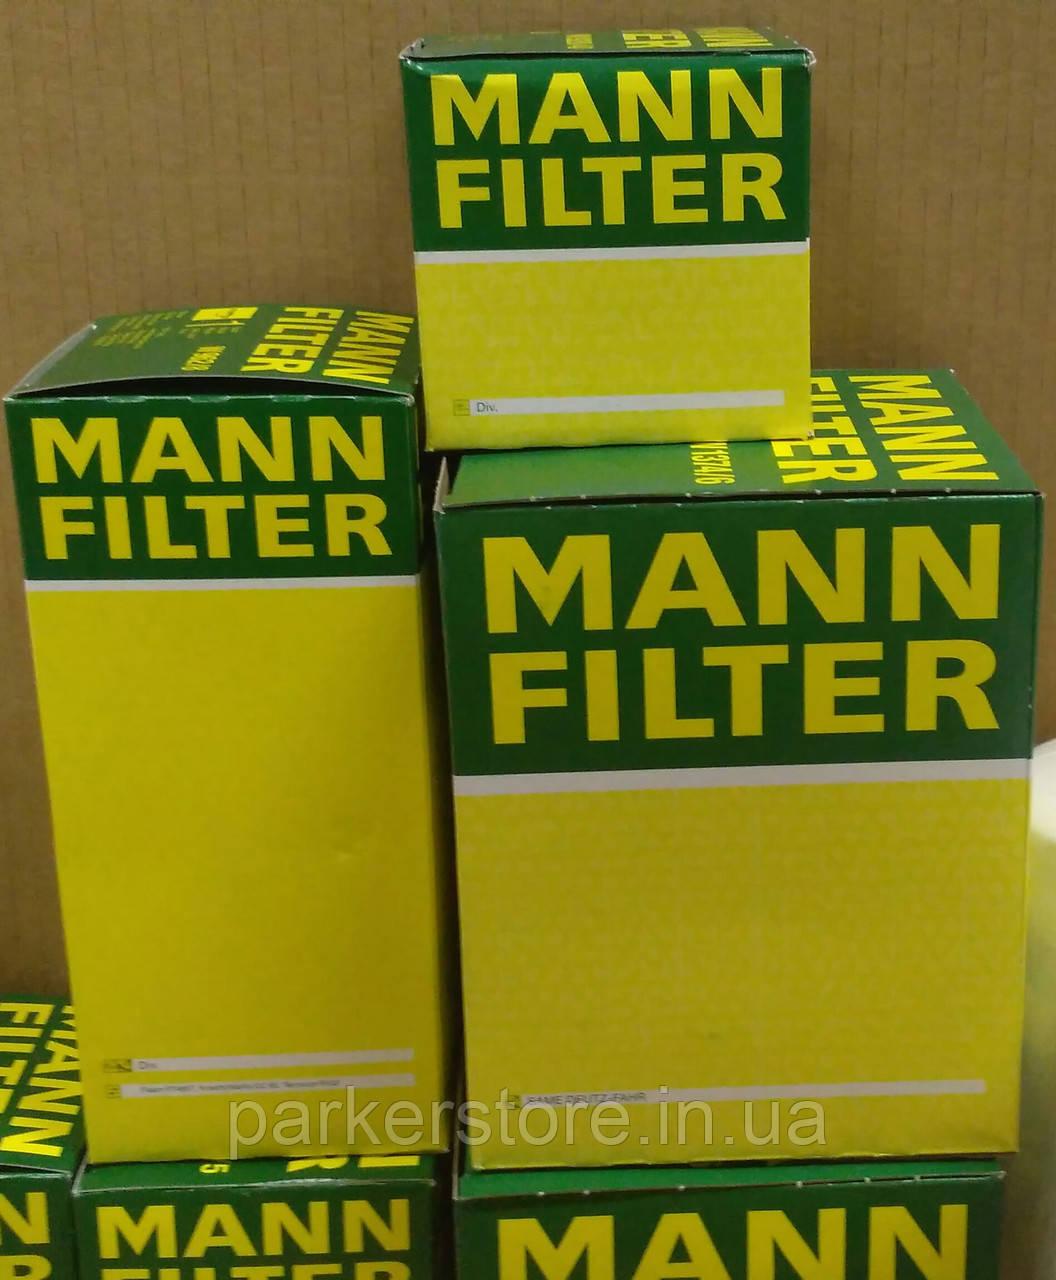 MANN FILTER / Воздушный фильтр / C 25 655 / C25655